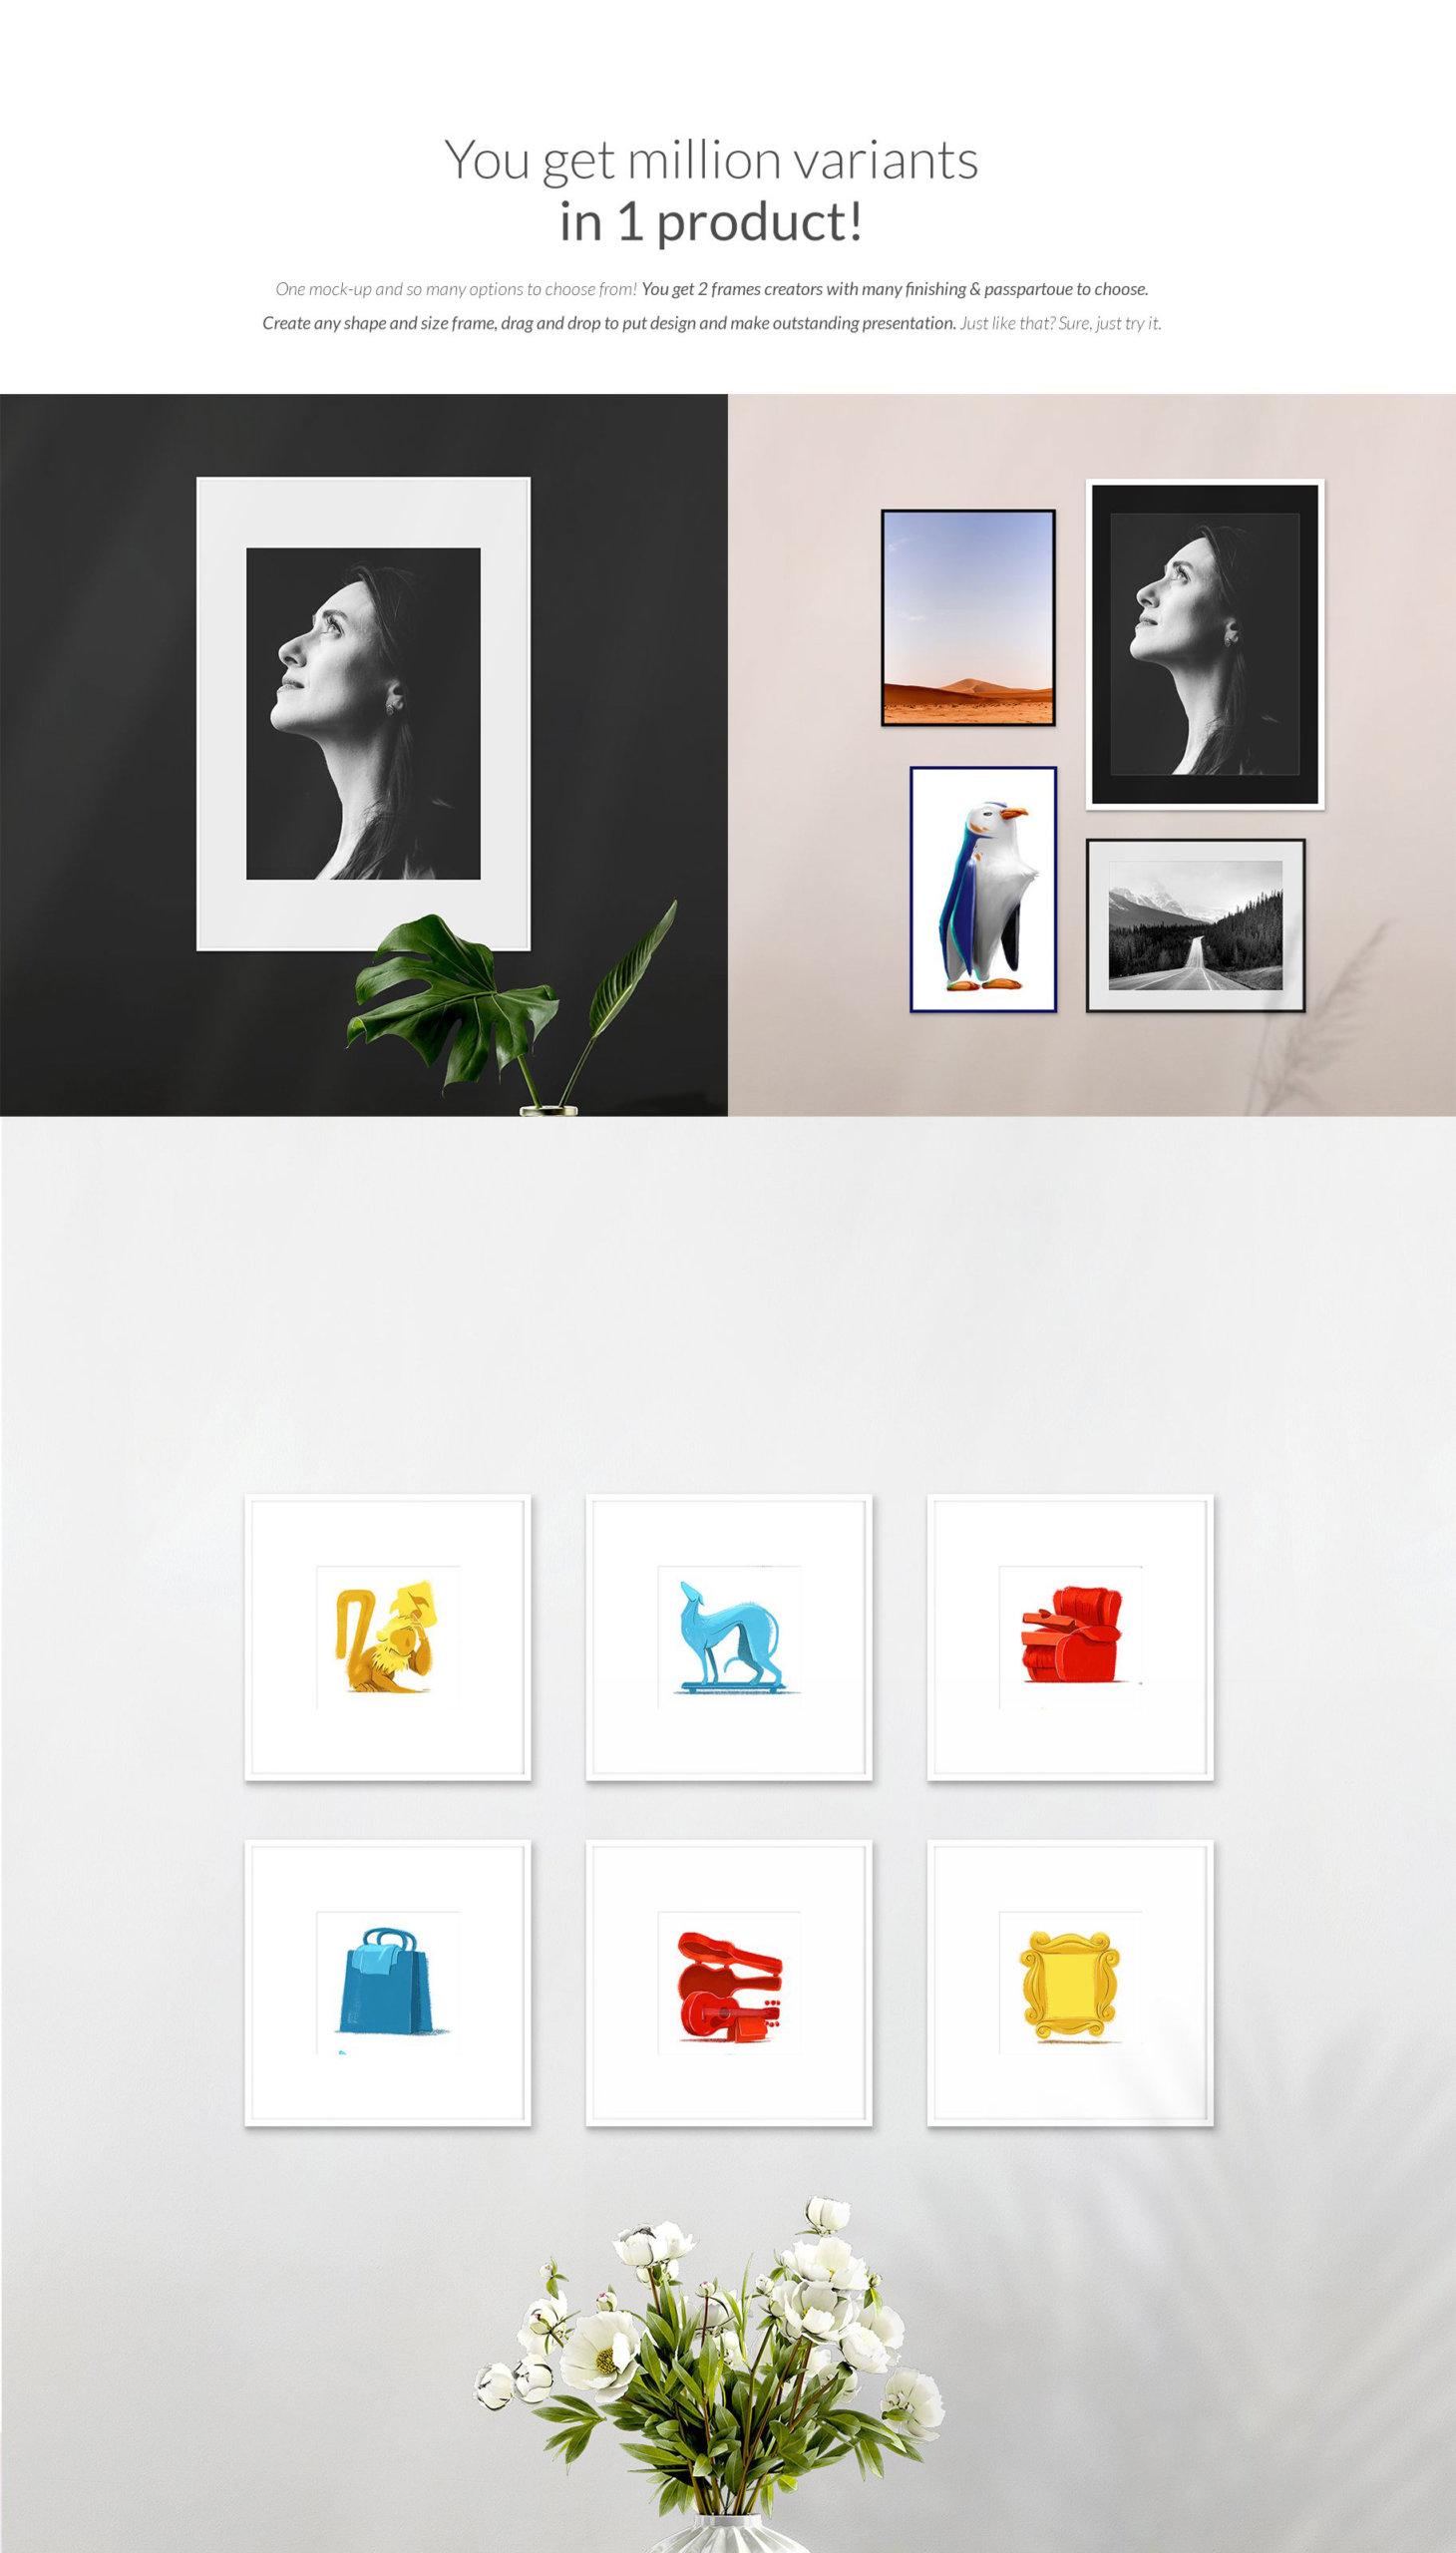 时尚绘画艺术品相片展示相框框架样机模板 Automatic Frame Mock-up Creator插图7